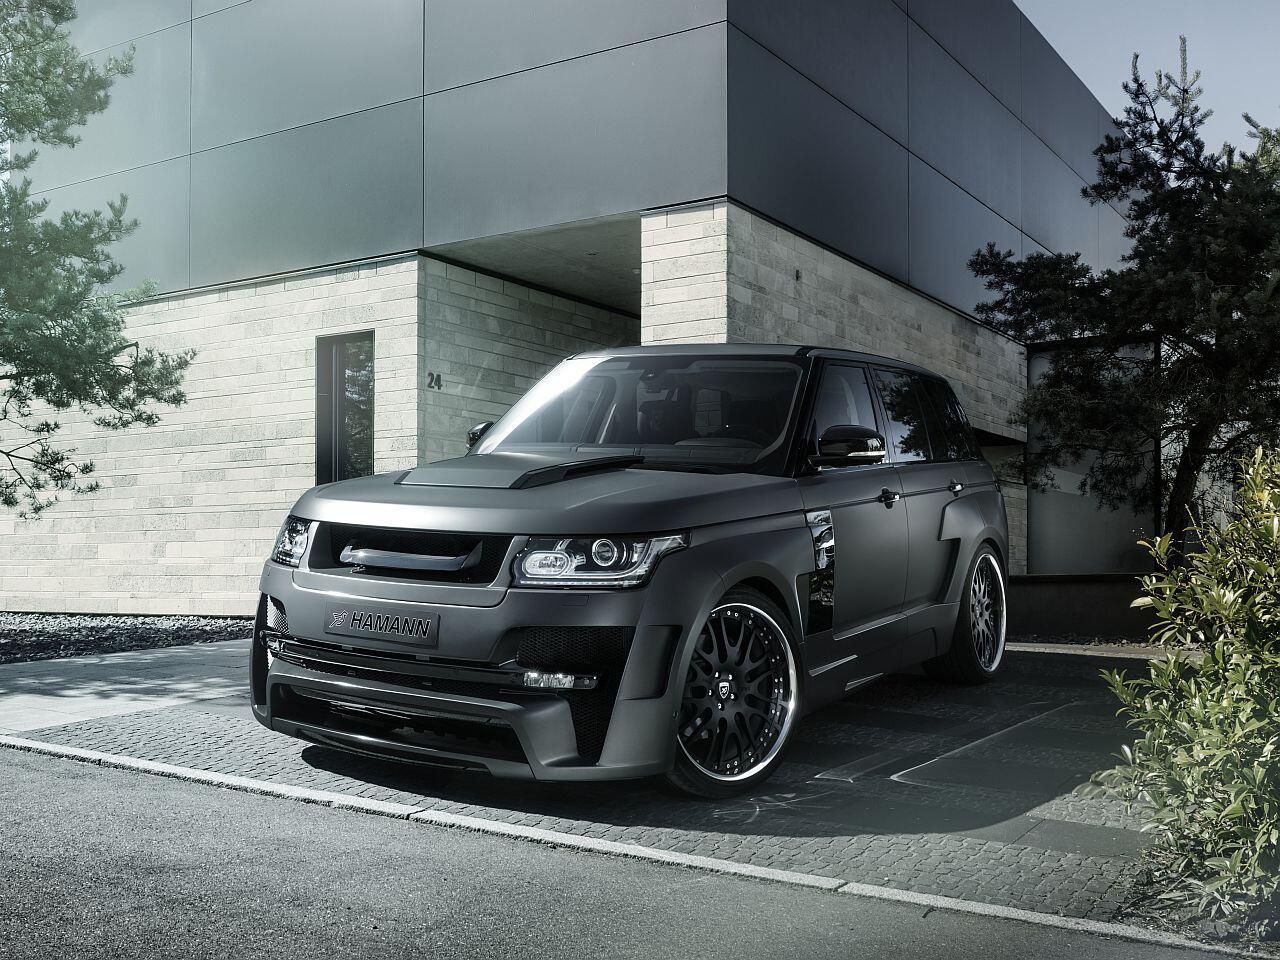 Bild zu Aufgebrezelter Range Rover: Hamann Mystère mit bulligem Bodykit